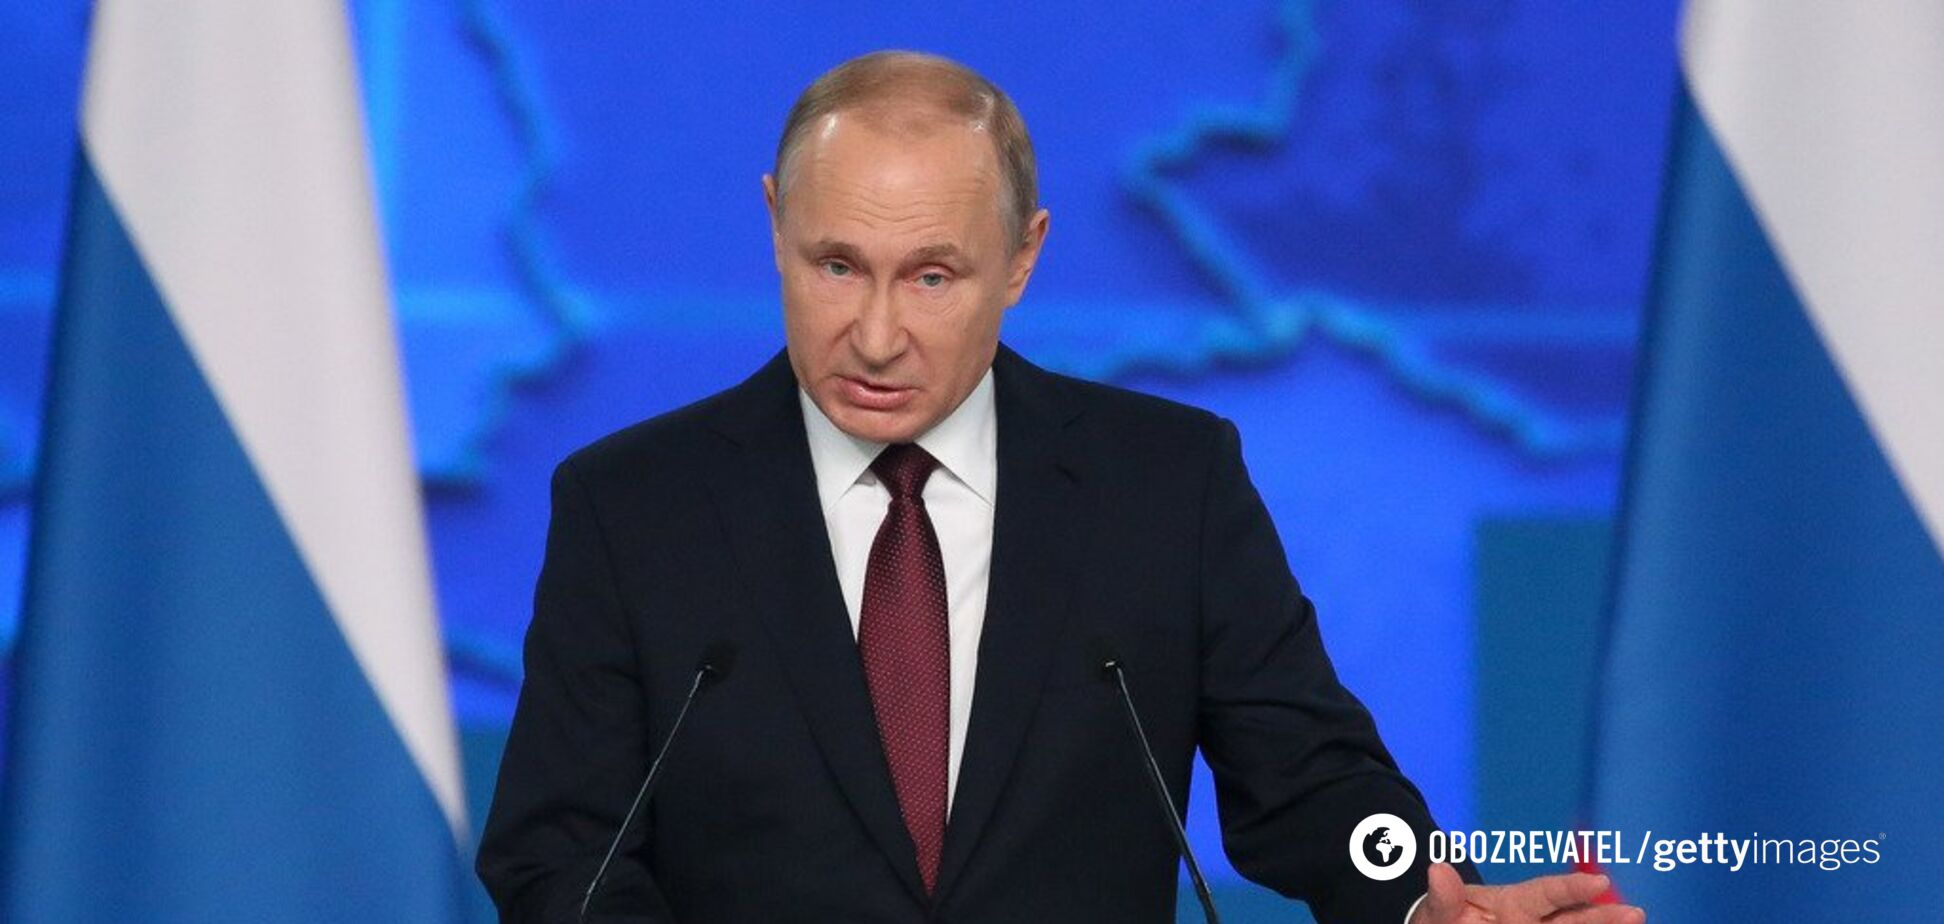 'Ноги циркулем!' Блогер помітив нову дивину у зовнішності Путіна